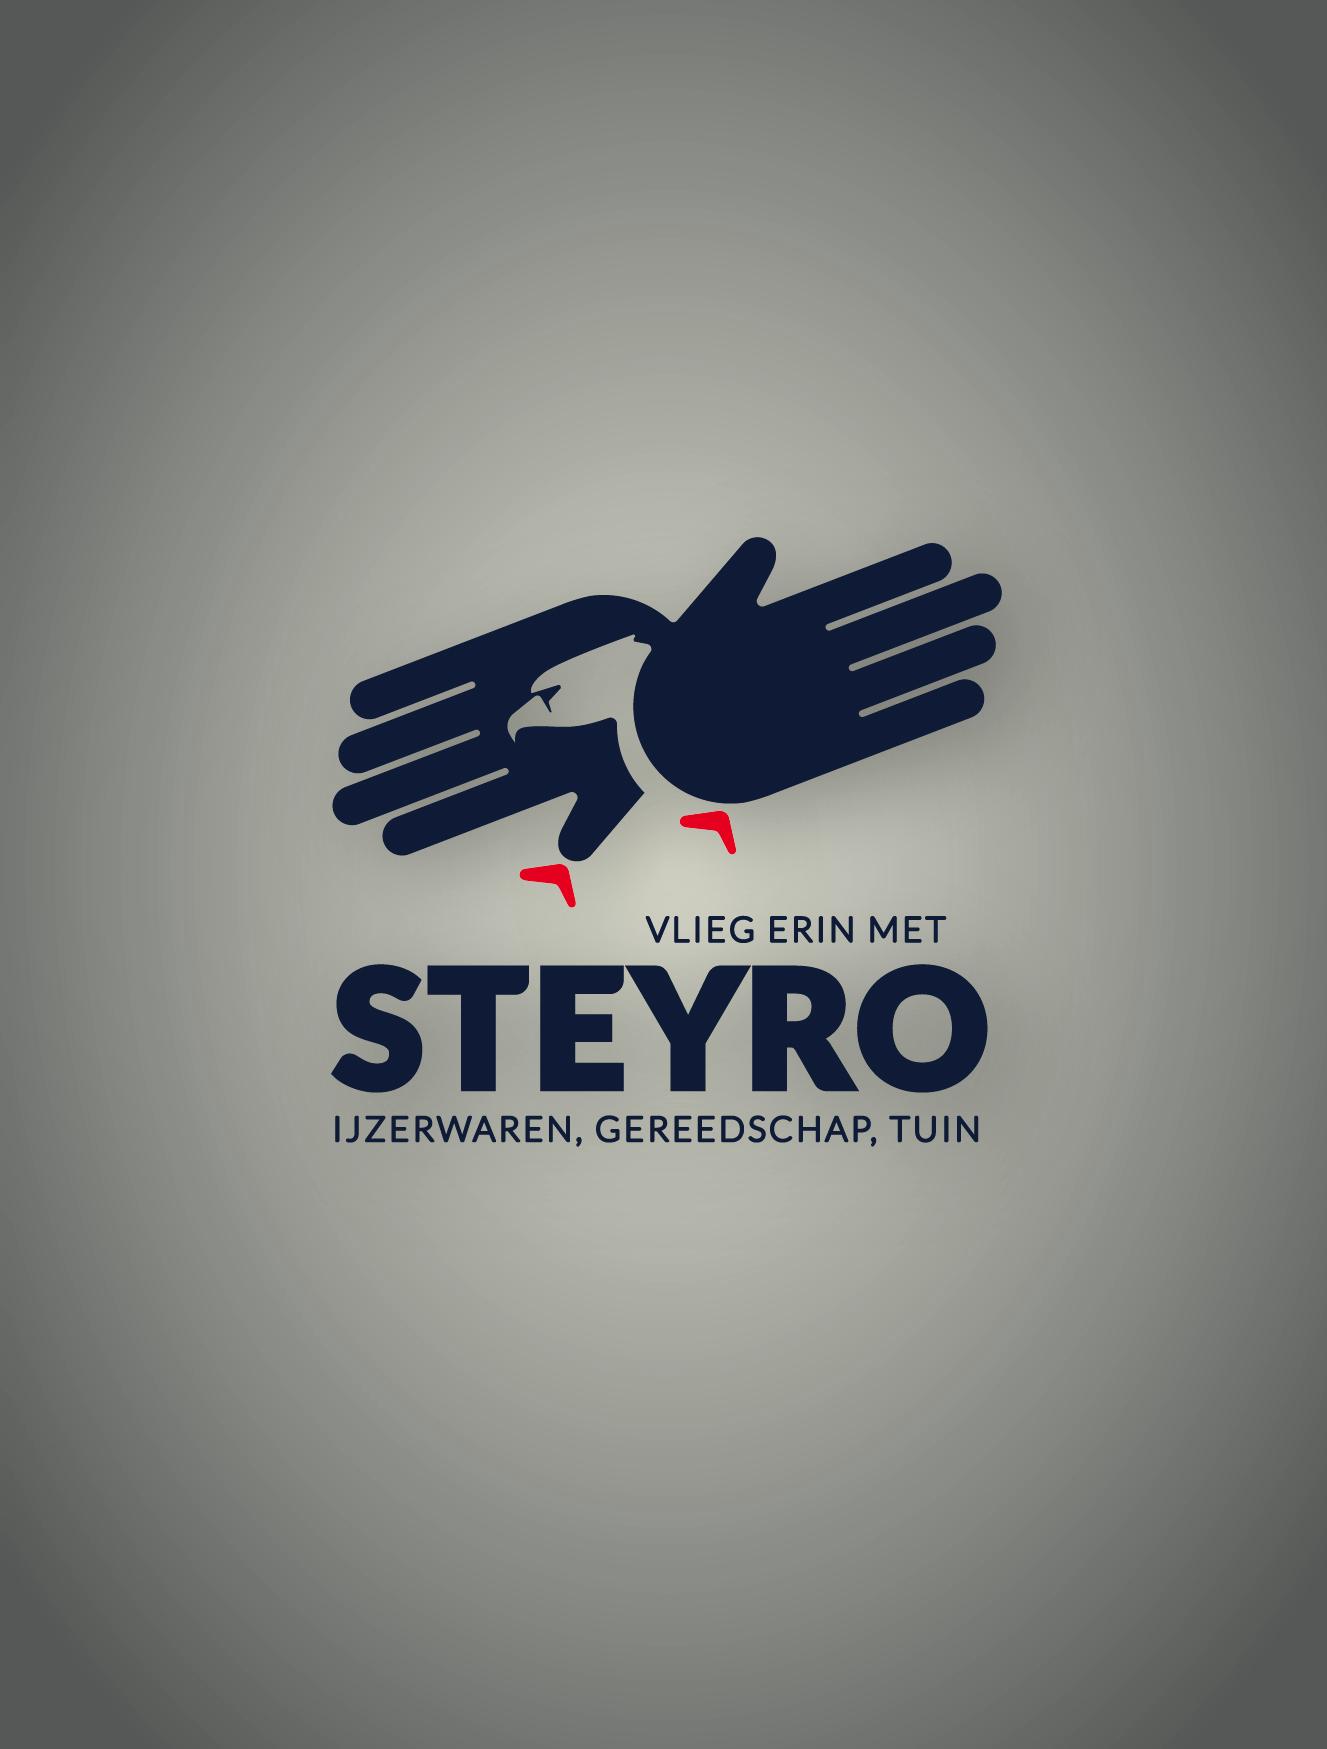 Doe het zelf zaak Steyro helpt je erin te vliegen. Vlieg erin met Steyro Aalter